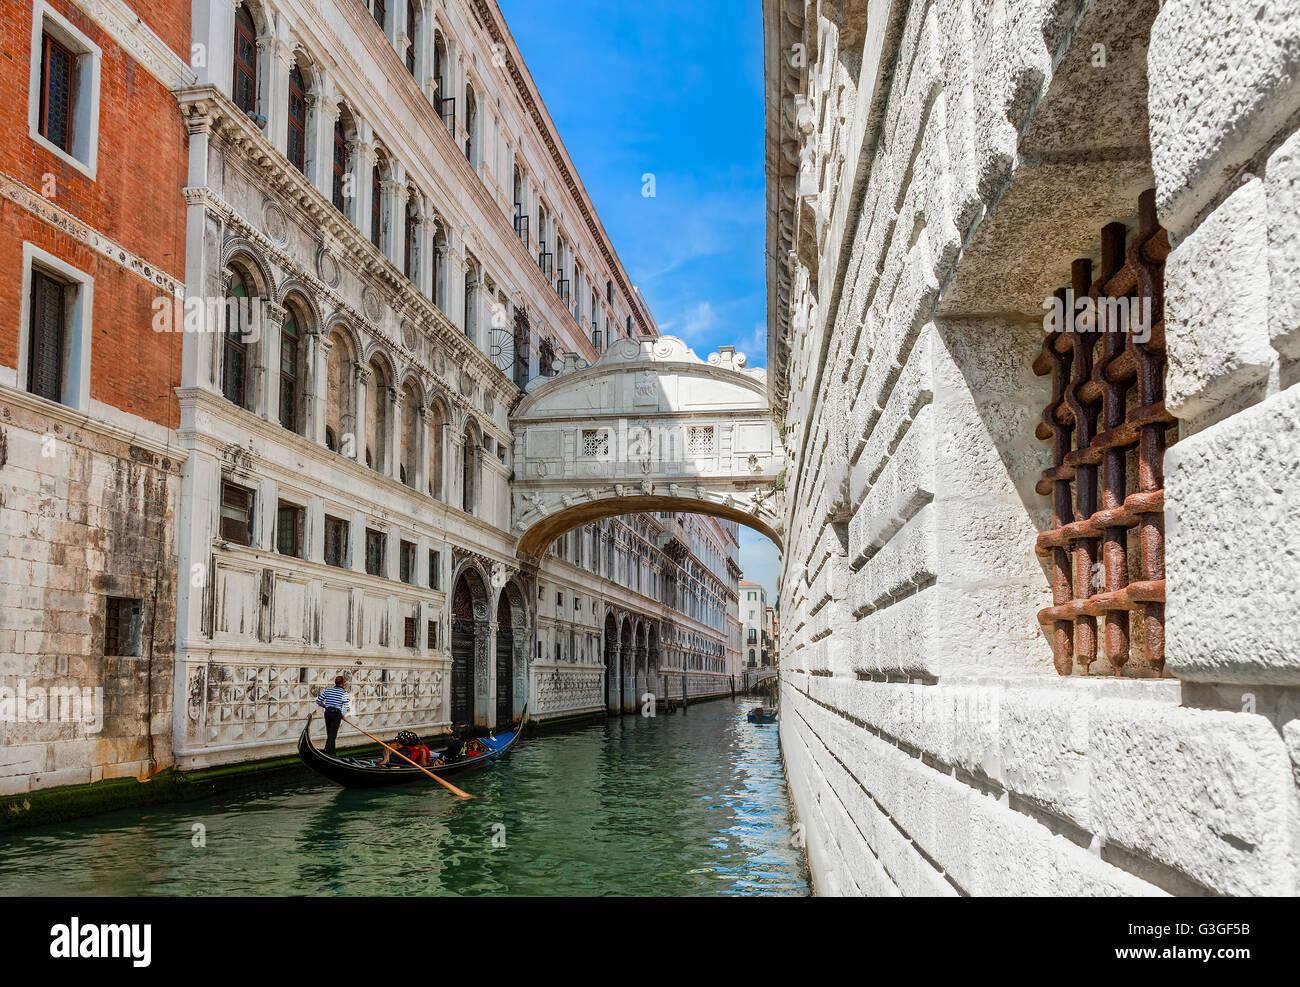 Gondola pasando el estrecho canal bajo el famoso Puente de los suspiros en Venecia, Italia. Imagen De Stock